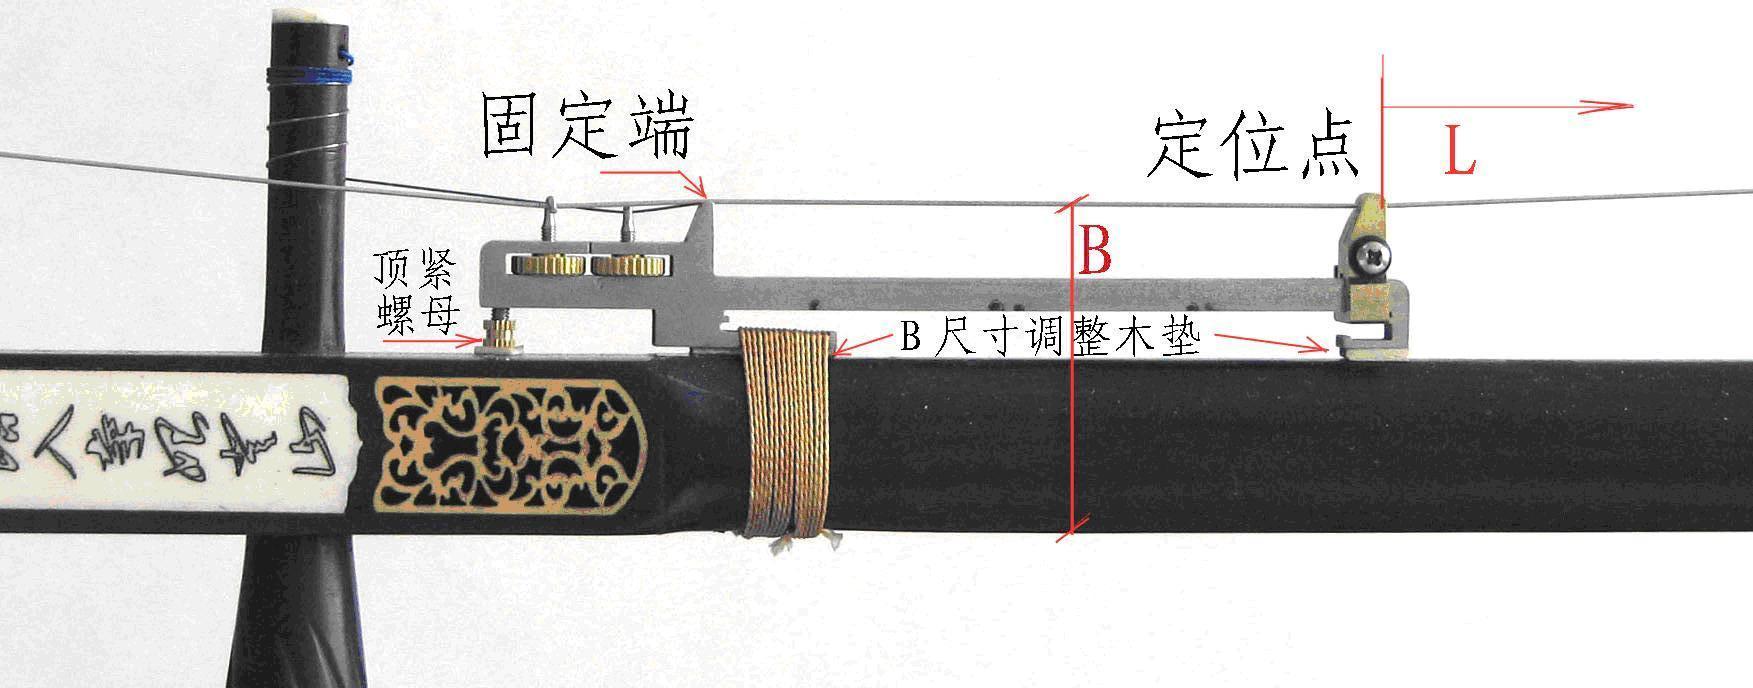 赠送附件:捆扎线2根,垫材1块(用于垫在琴杆和千斤之间的,防止二胡杆图片